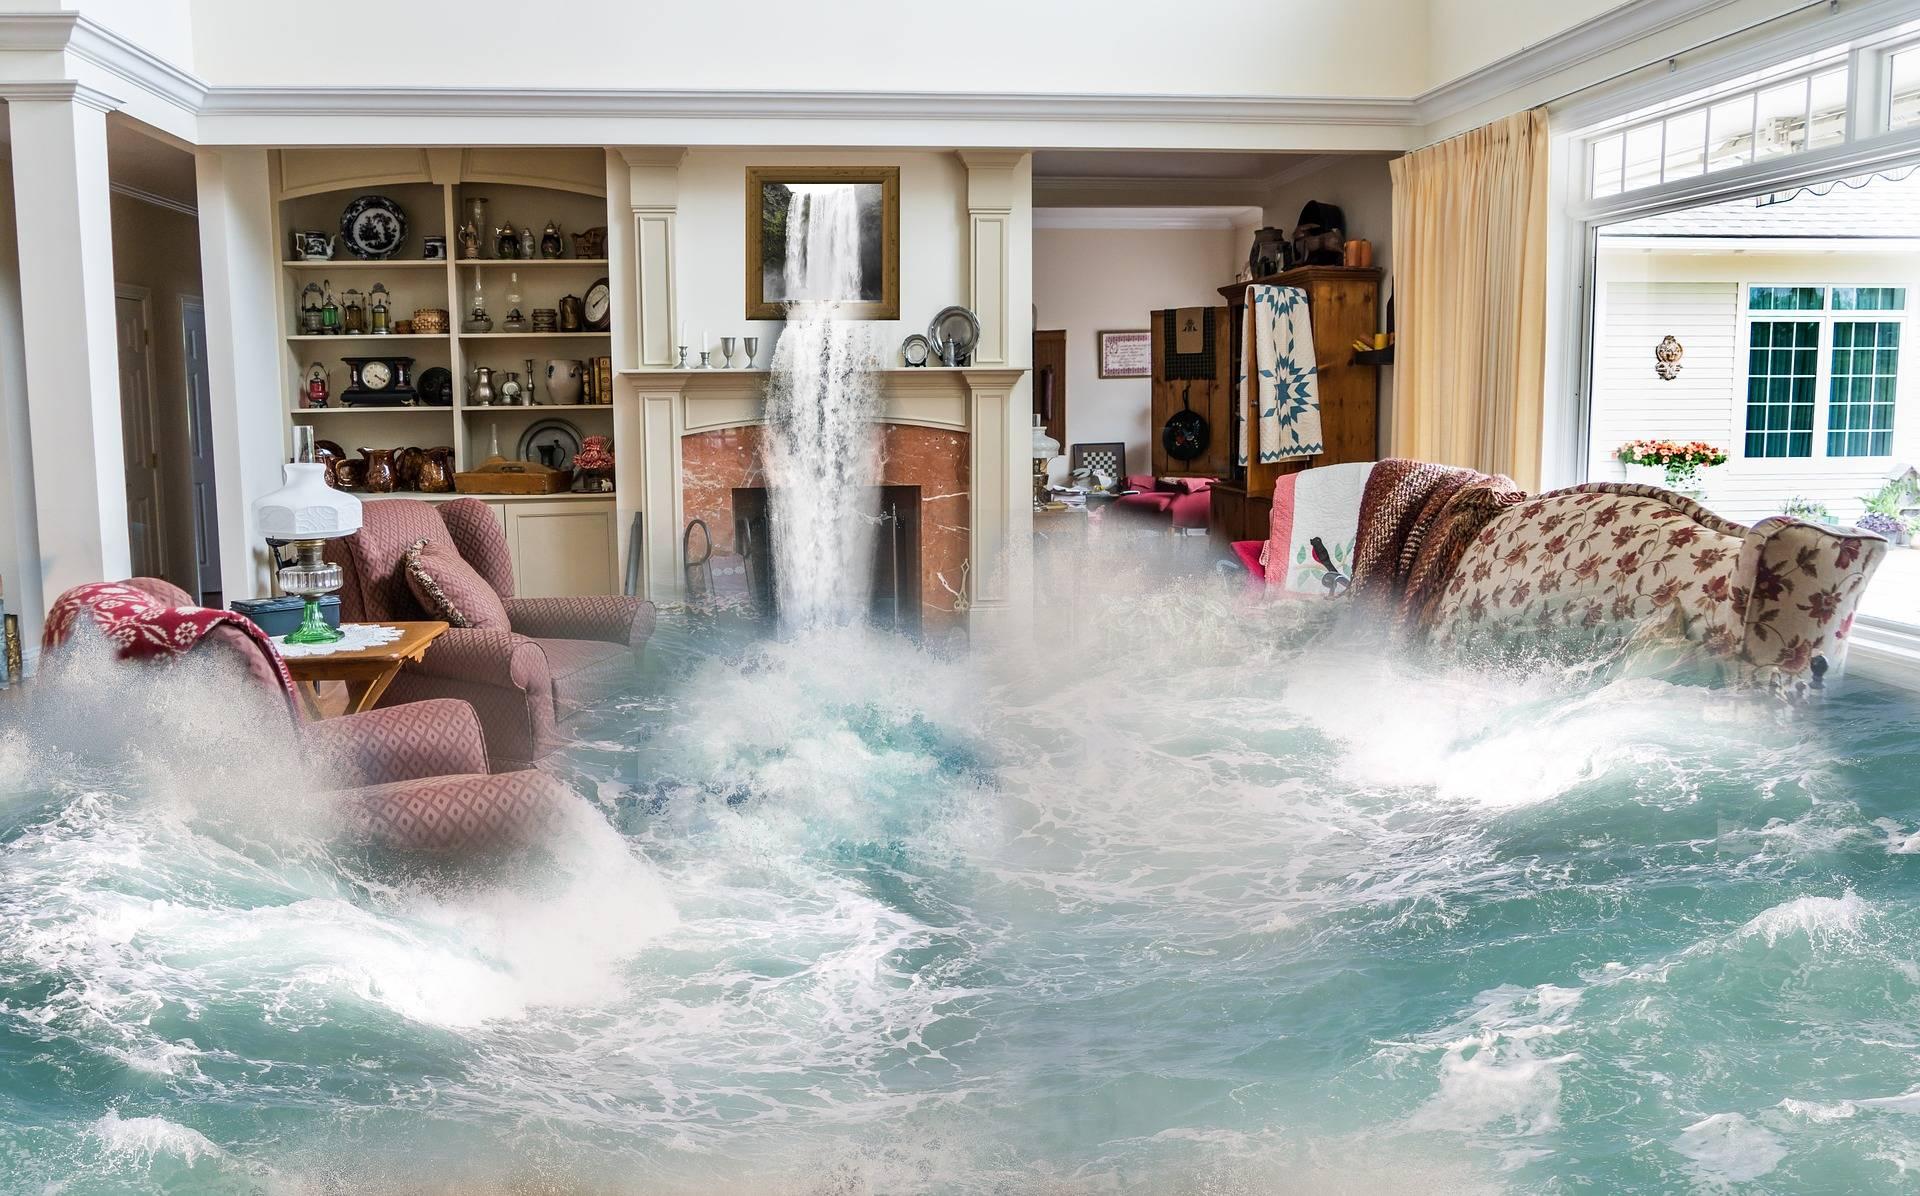 Pozor, havárie vody znamená únik našich peněz!